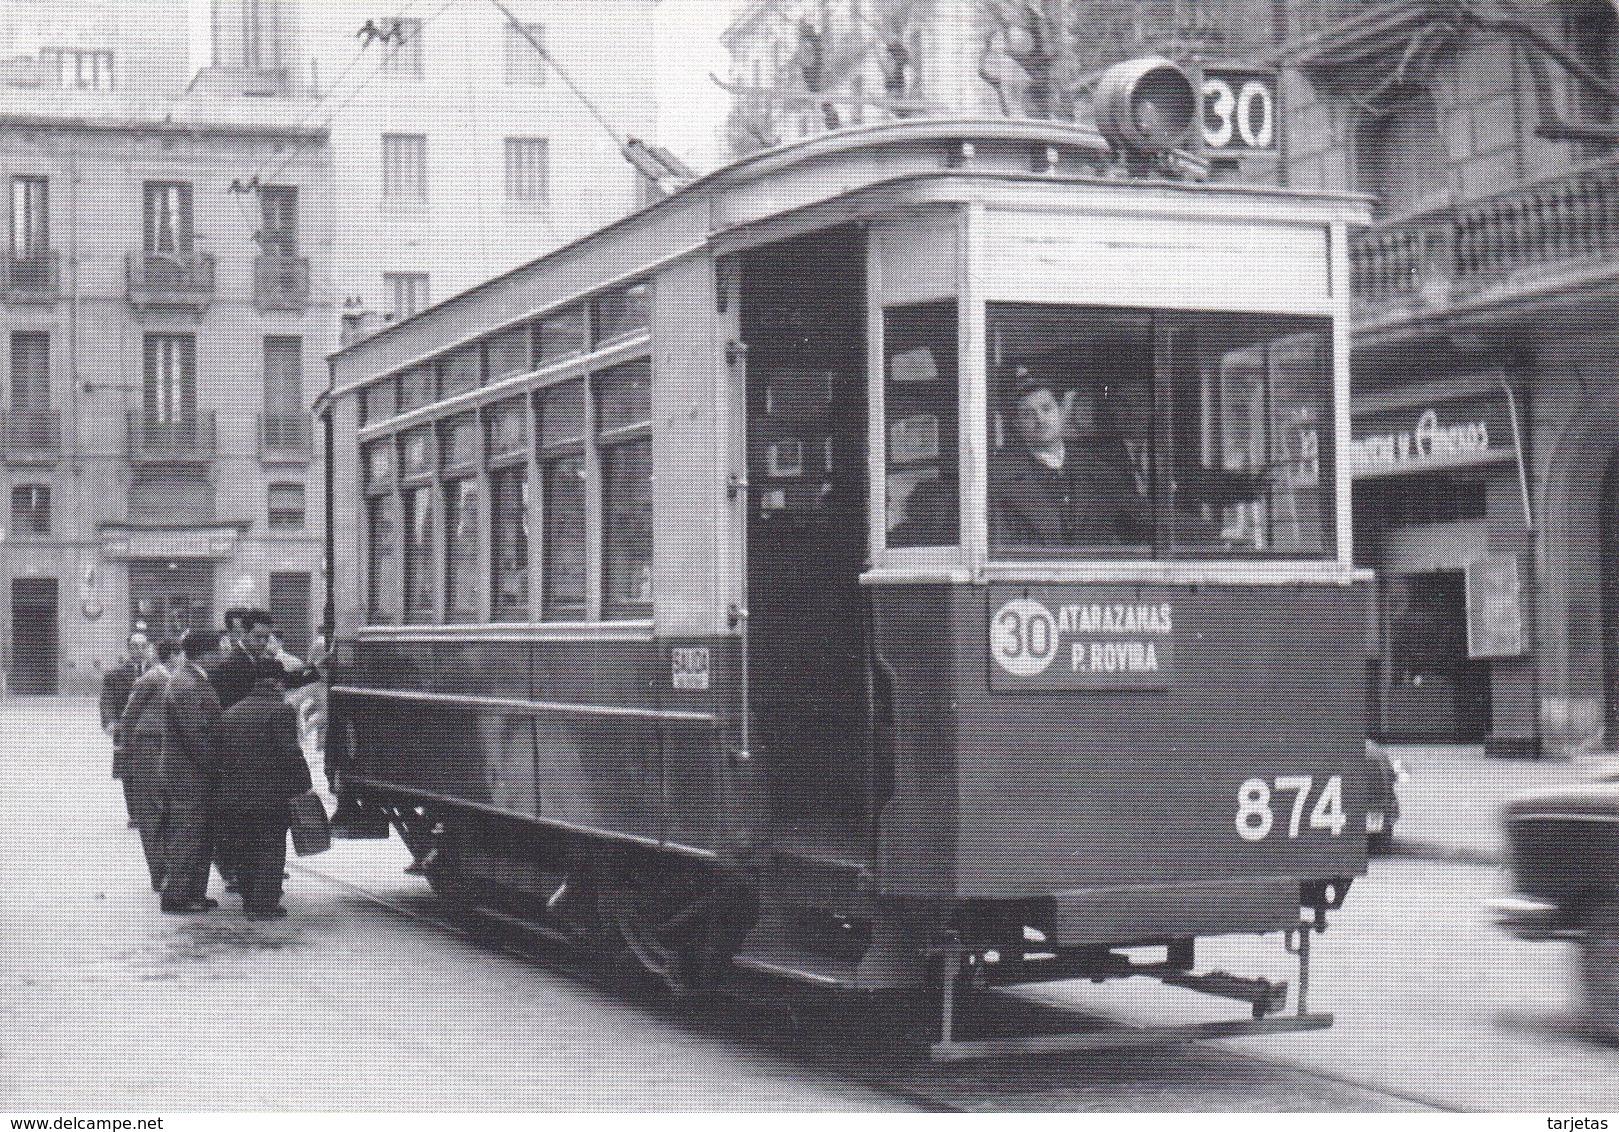 Nº 4 POSTAL DE TRANVIA DE BARCELONA SERIE 860-889 (TREN-TRAIN-ZUG) AMICS DEL FERROCARRIL - Tranvía